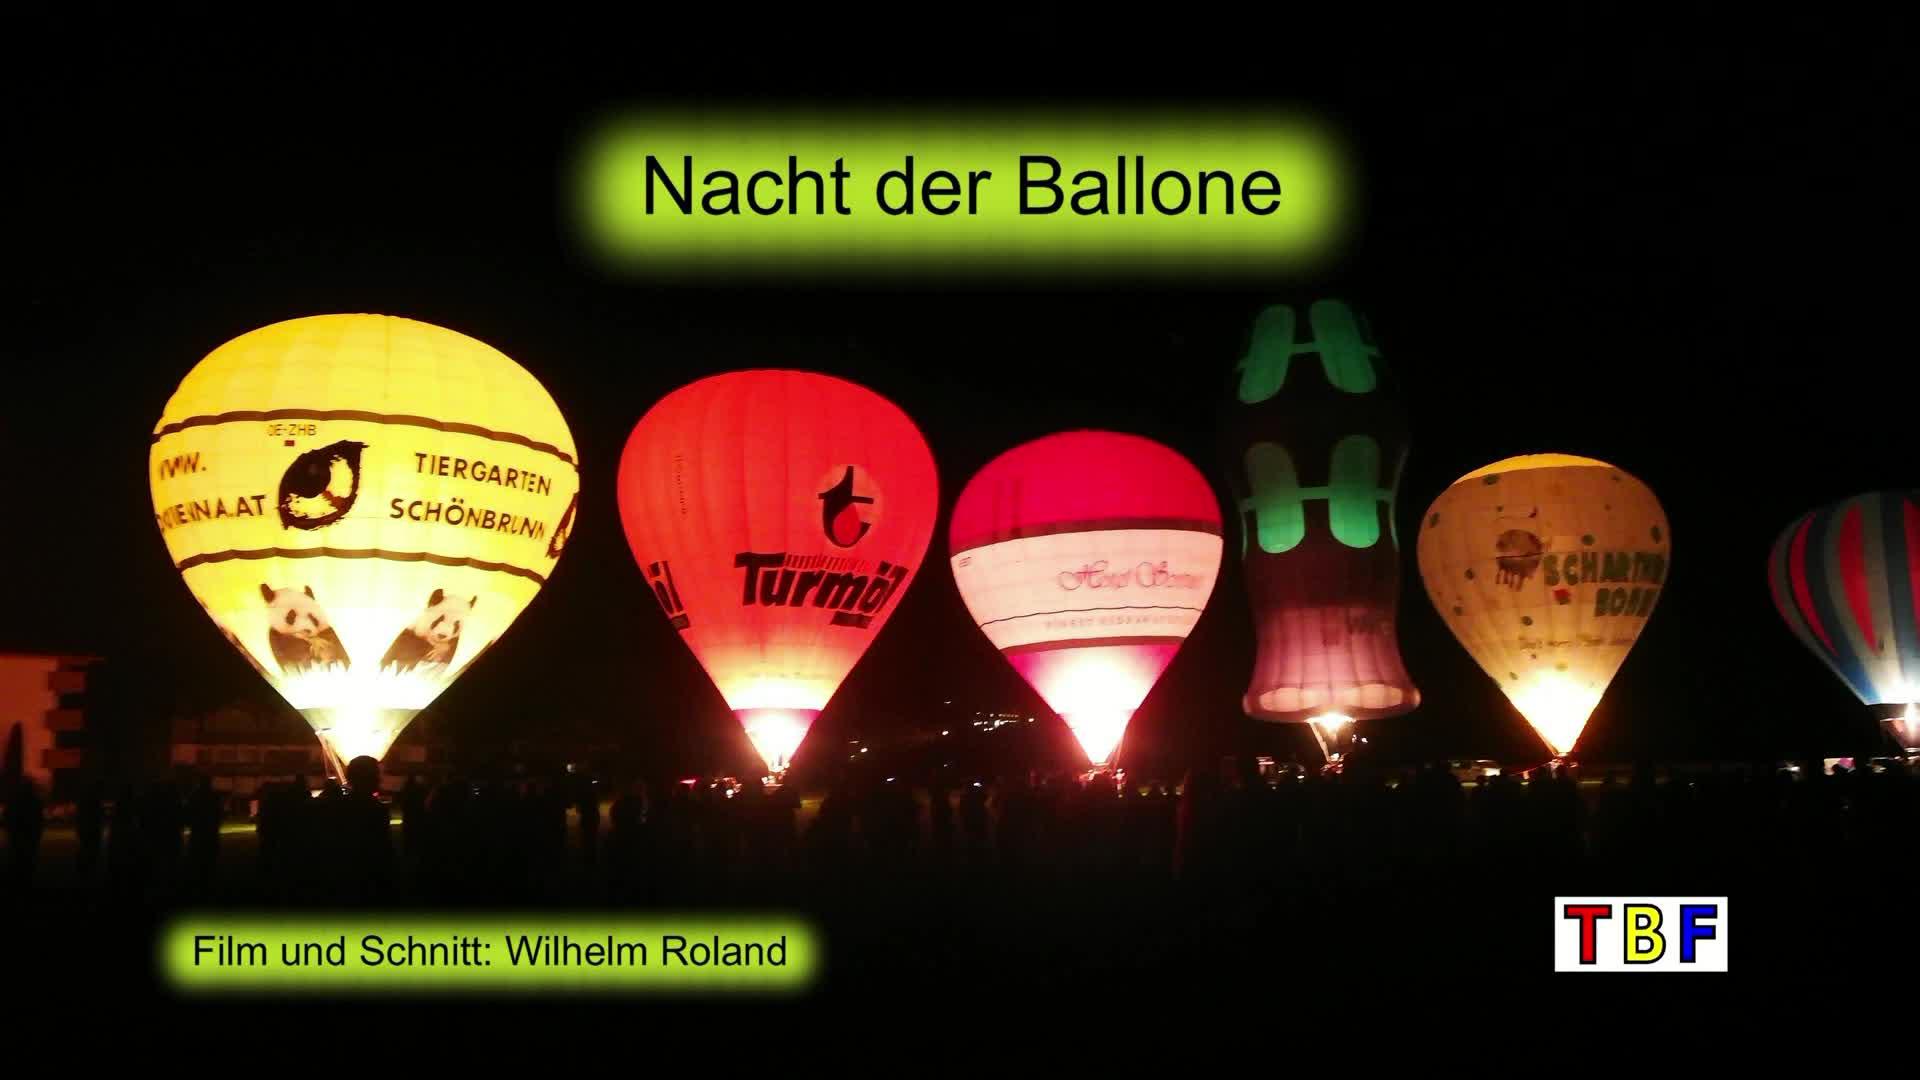 Nacht der Ballone 2019